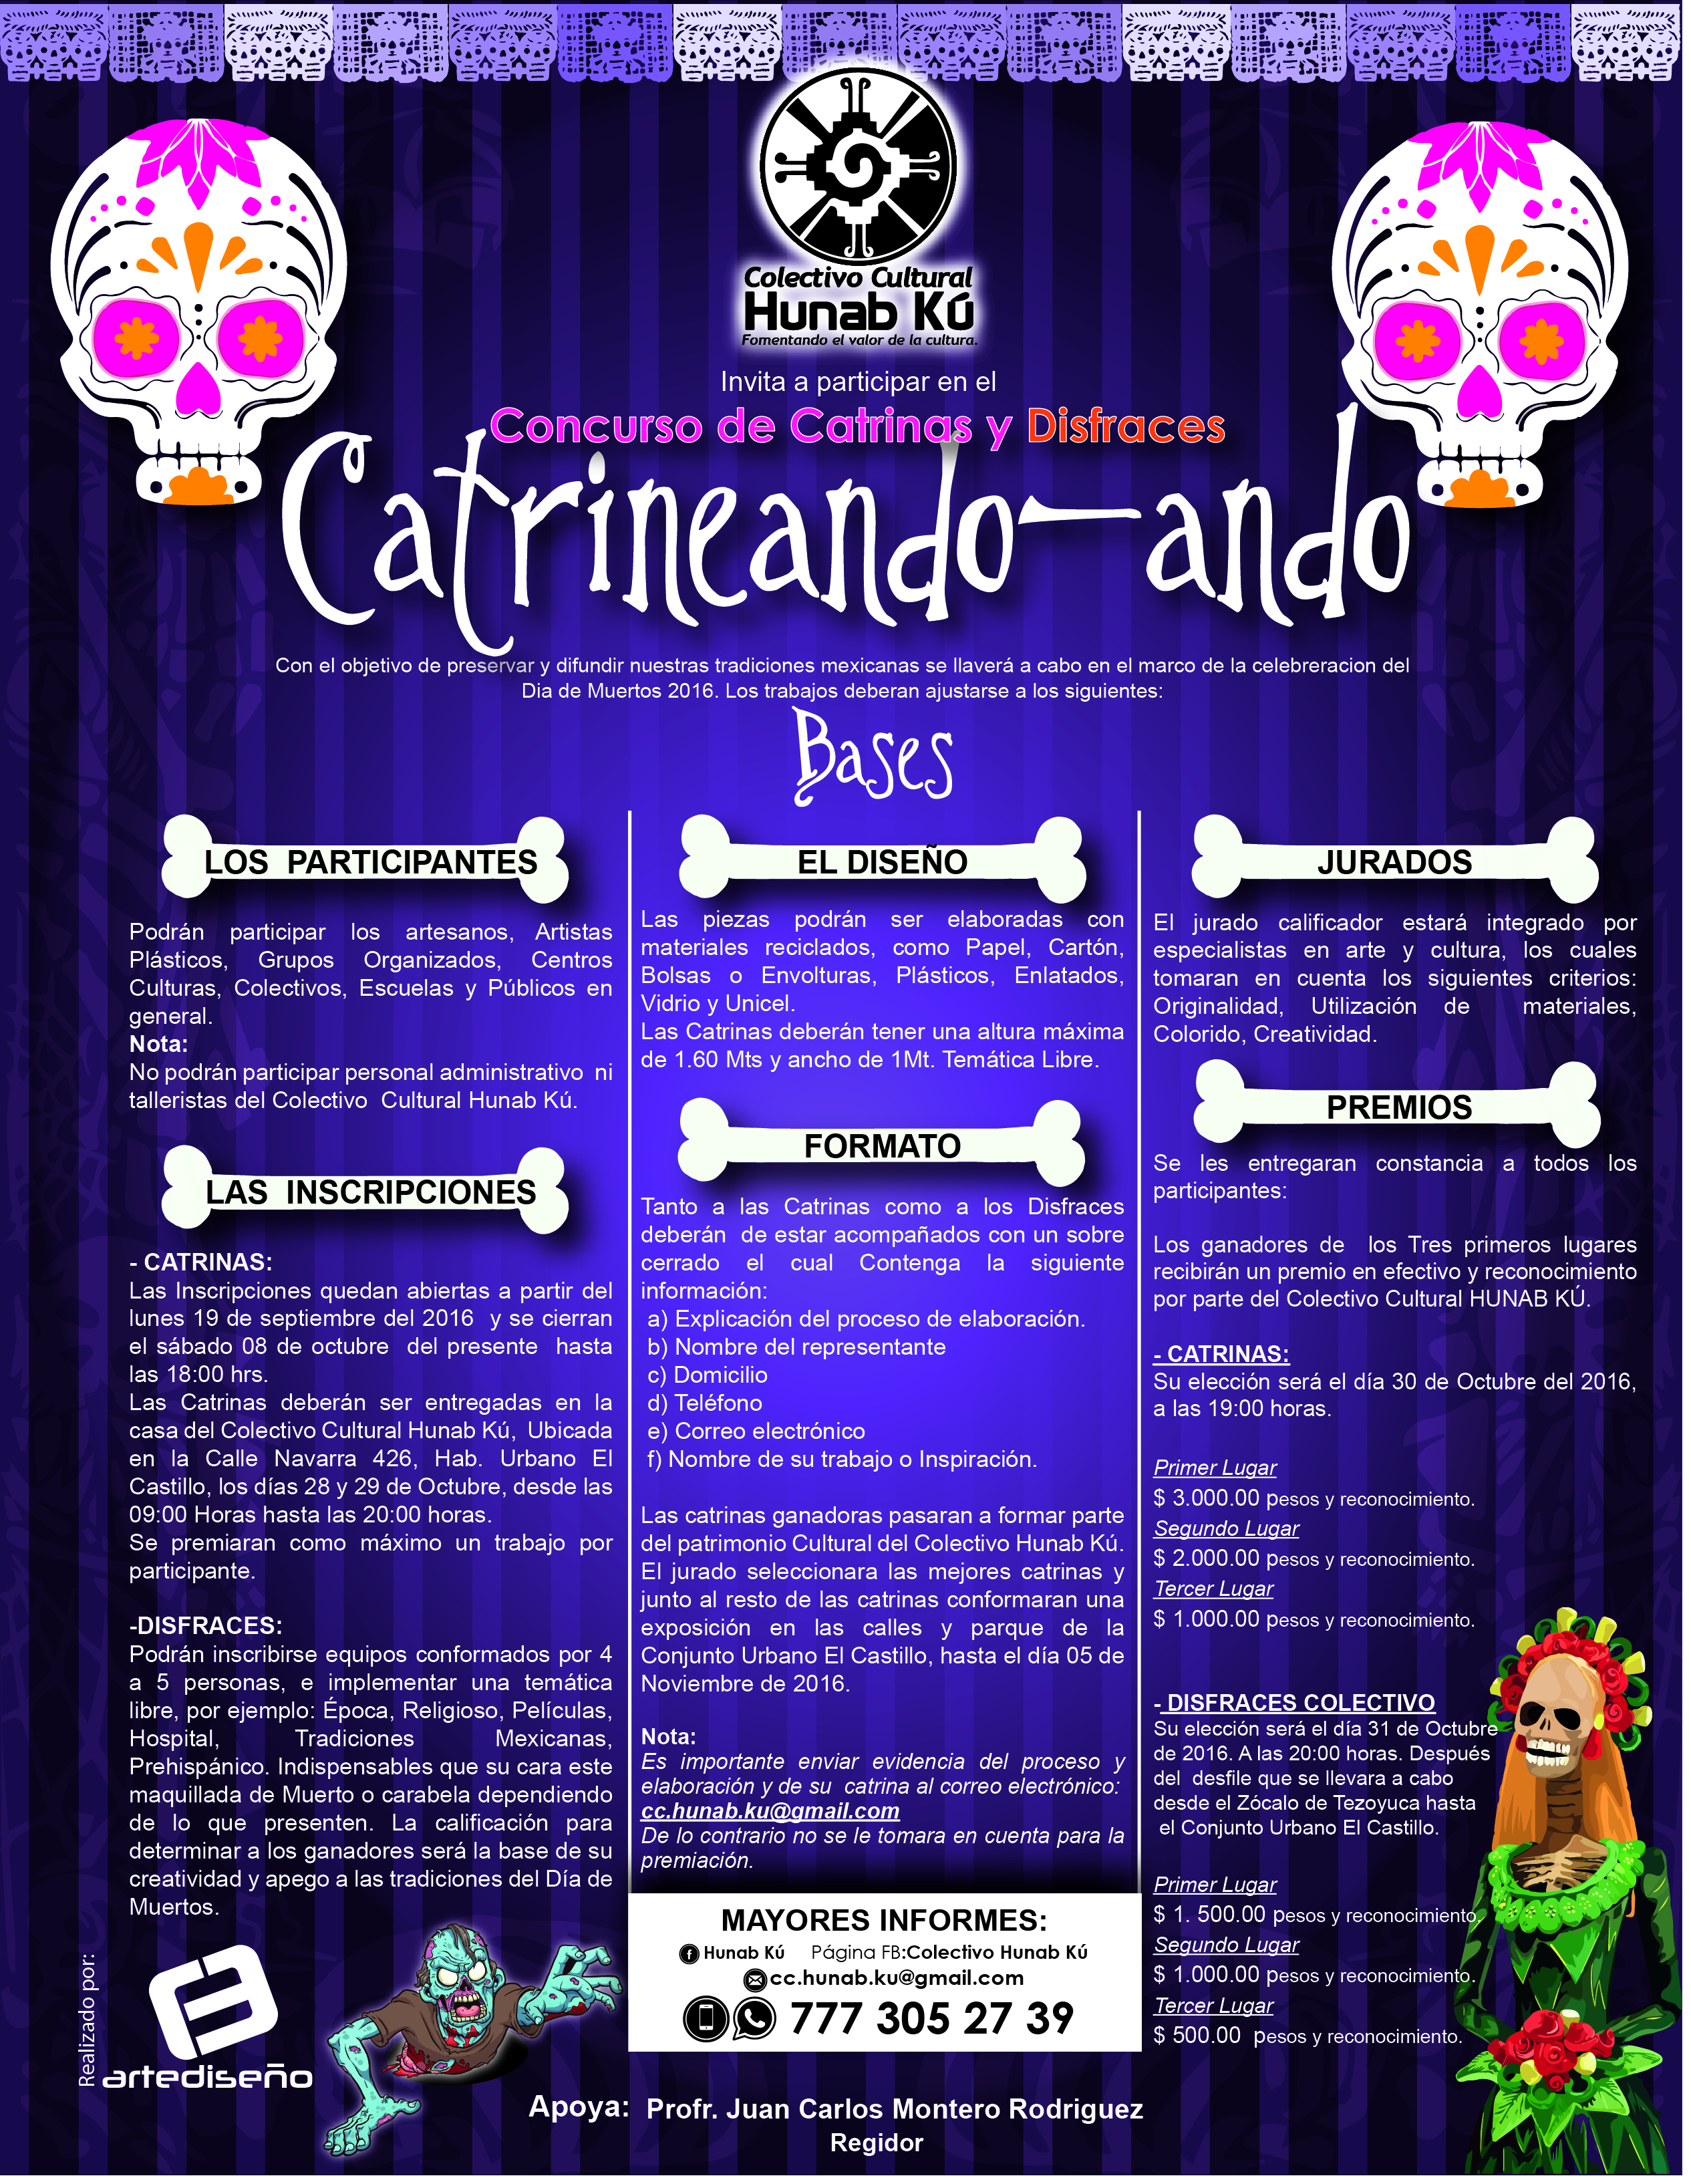 FORMATO DE CATRINAS Y DISFRACES